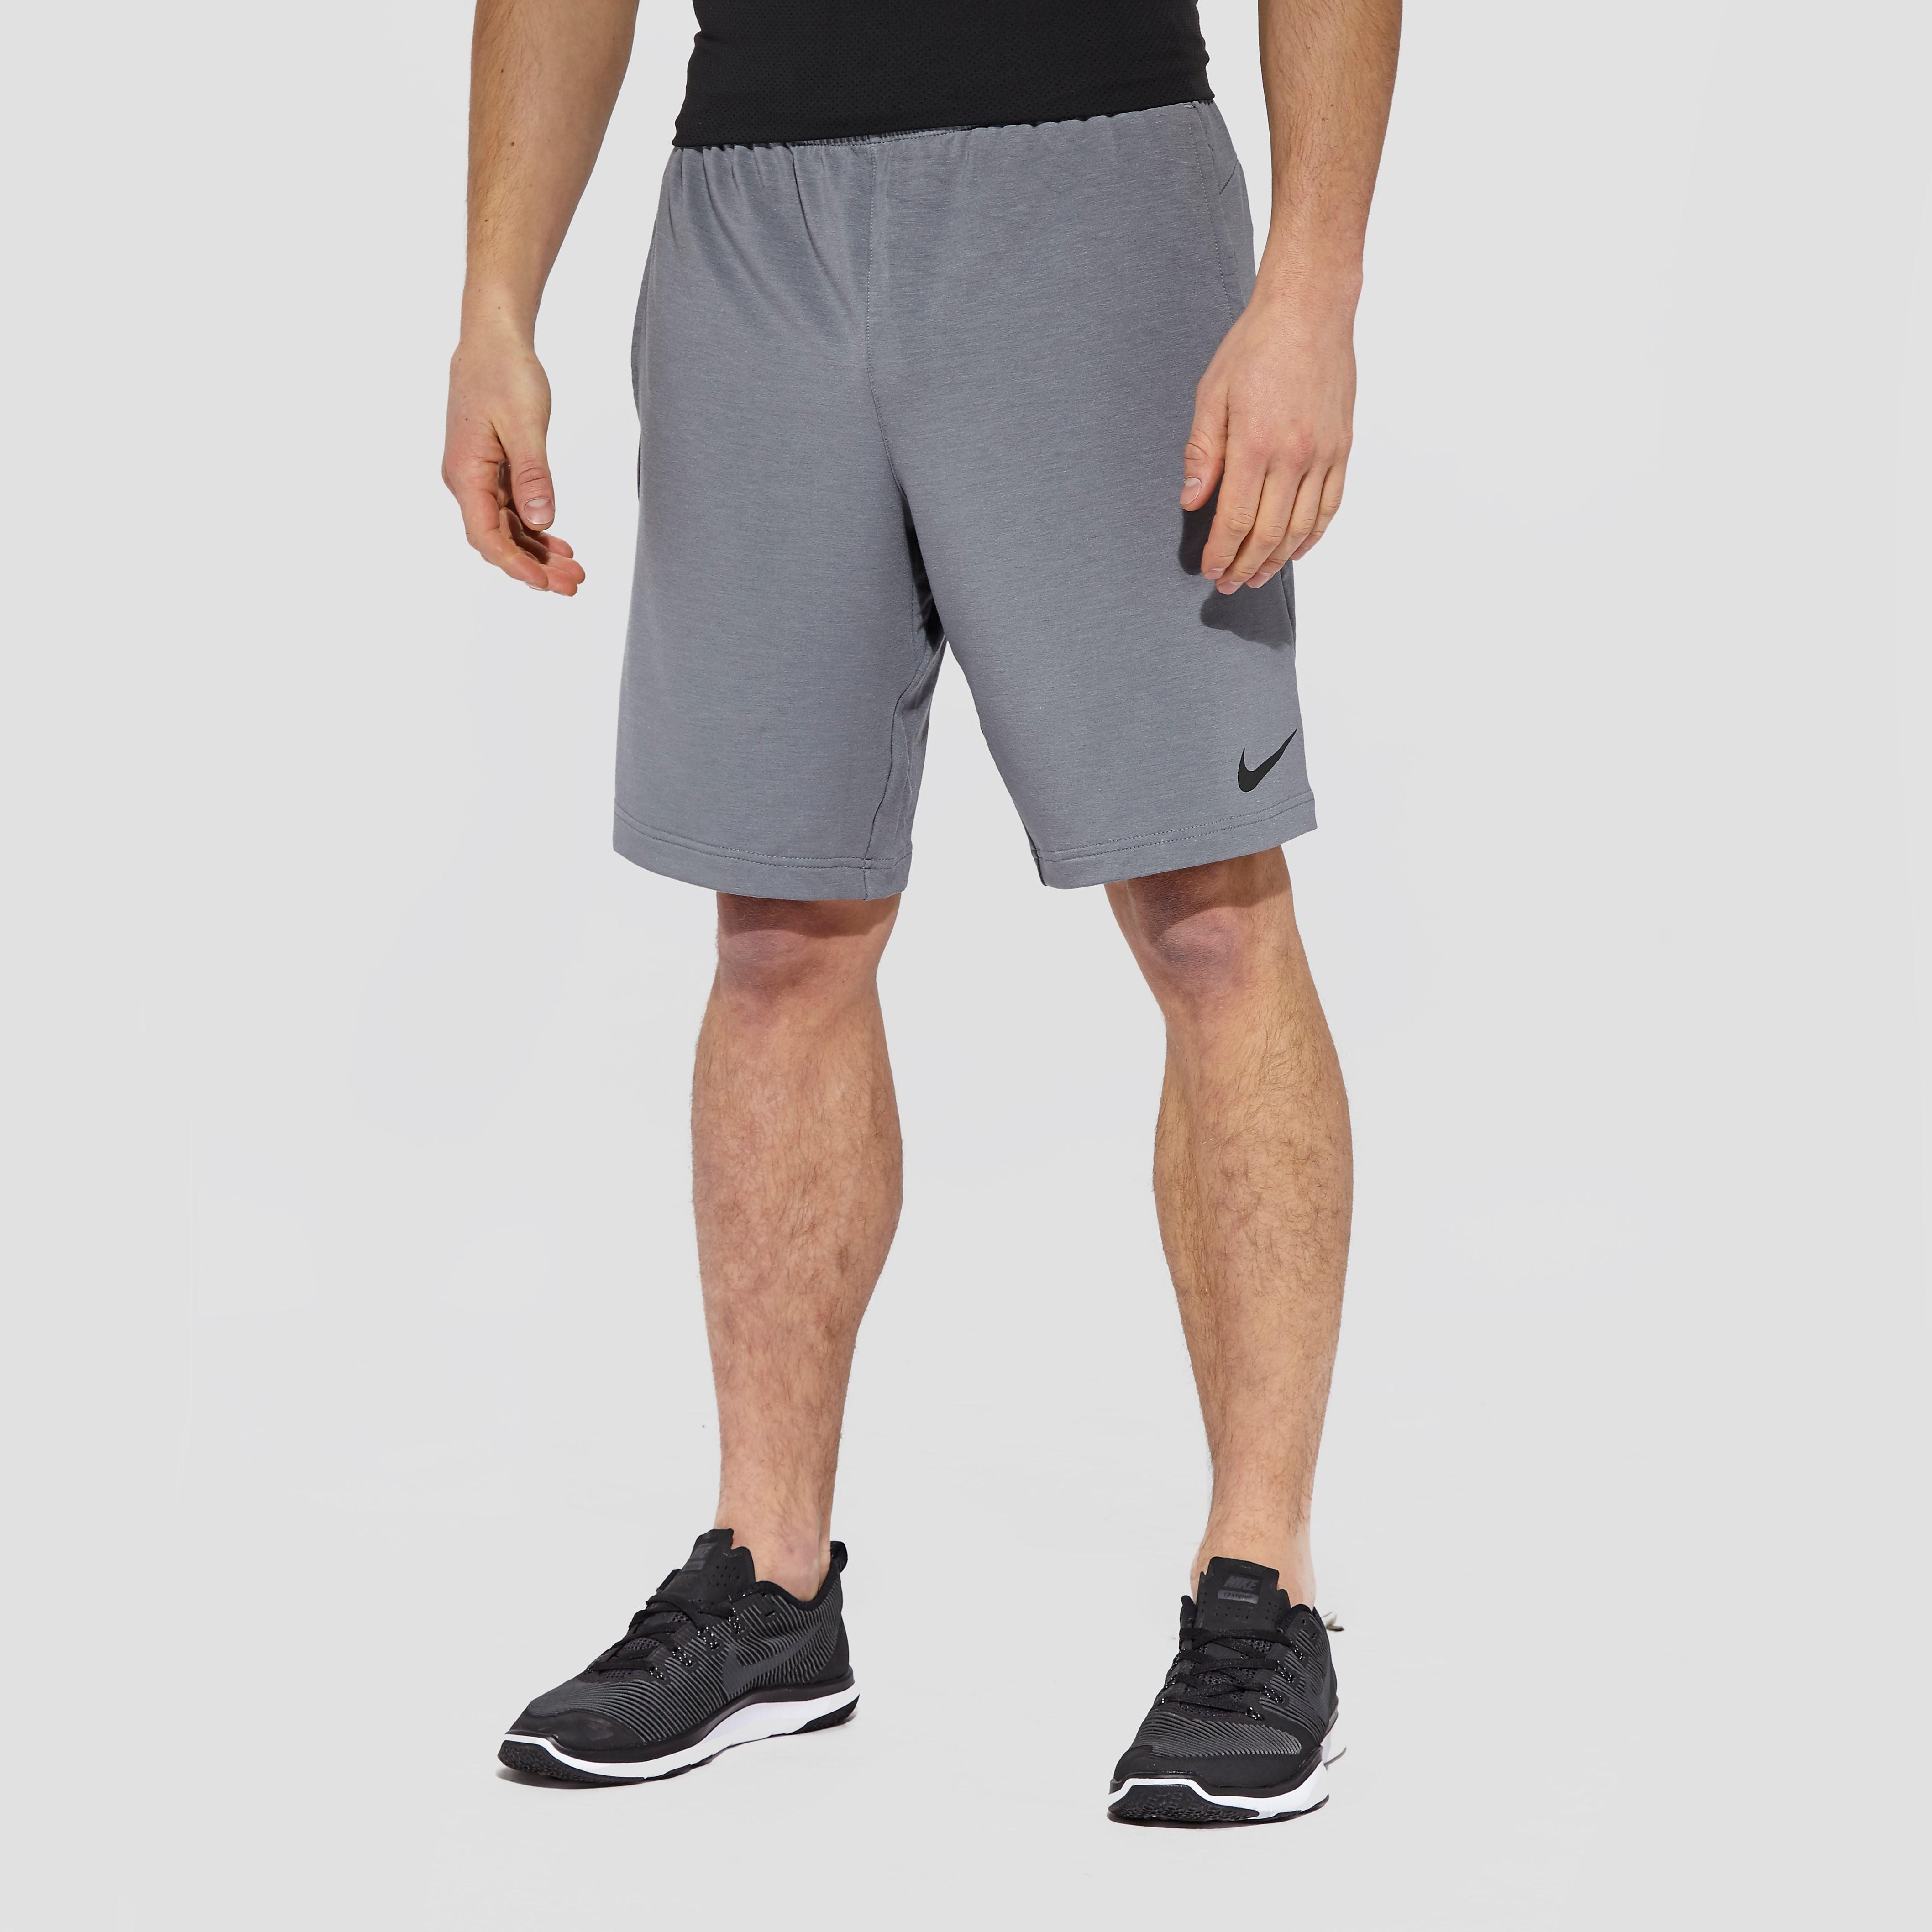 Nike \DriFleece 8\